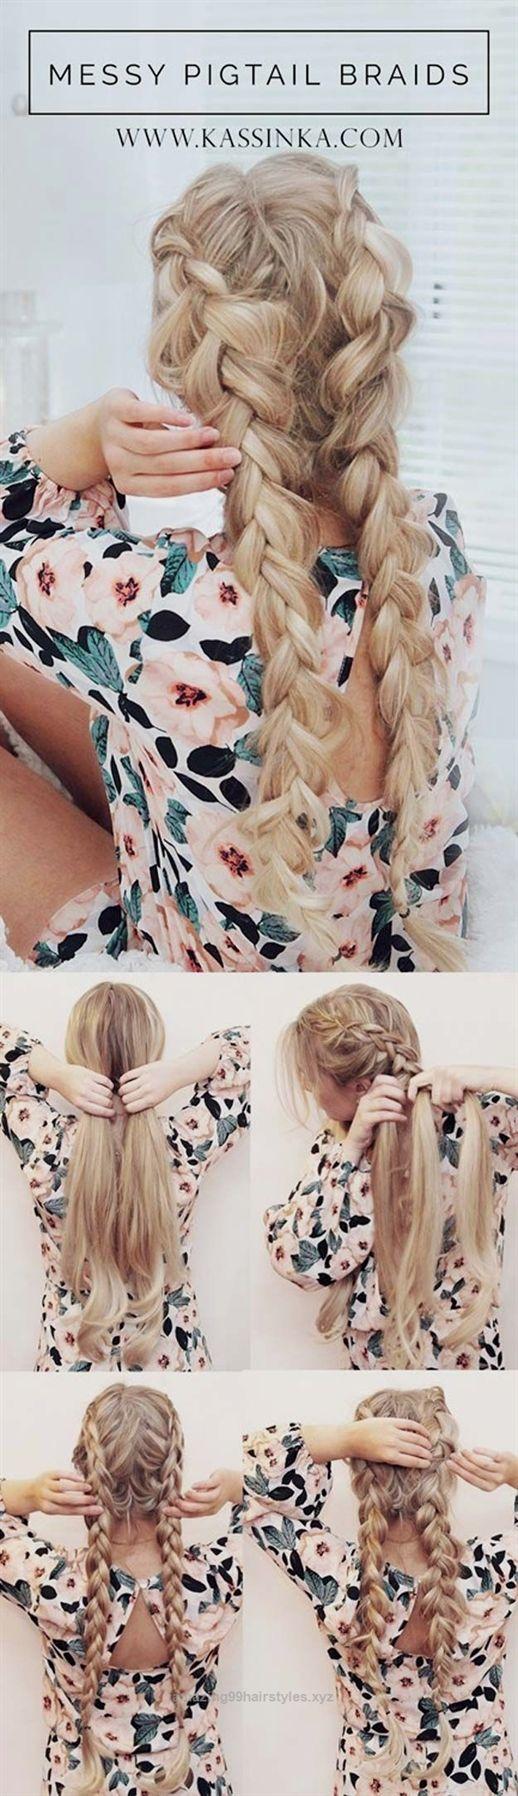 Festival hair tutorials pigtail braids hair tutorial short quick